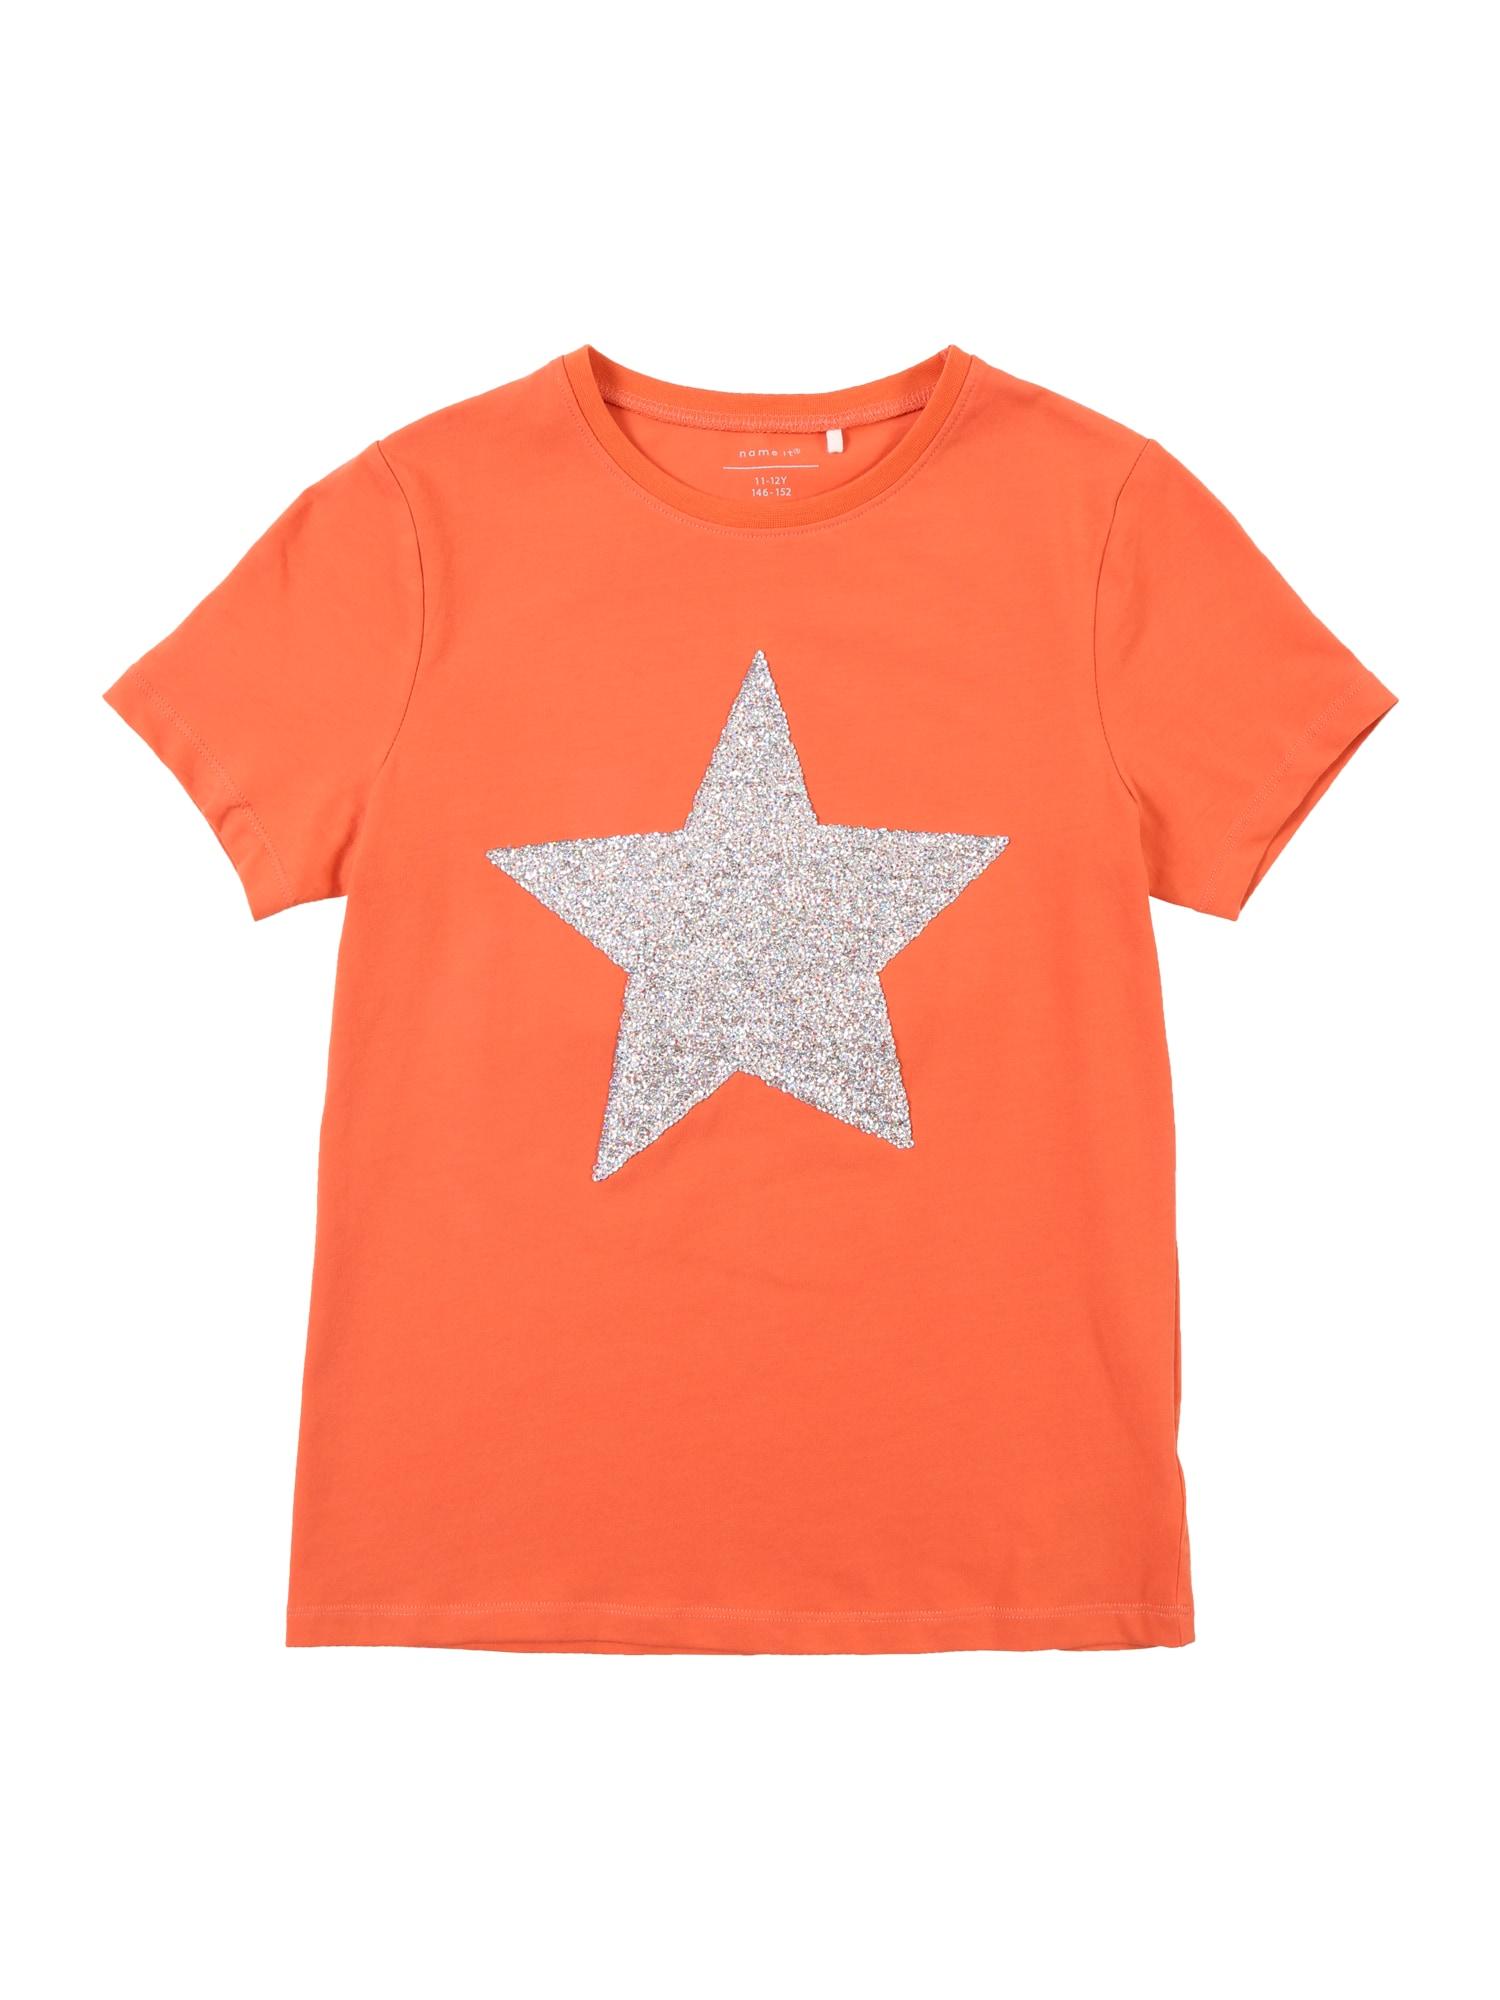 Tričko NKFHASTAR oranžová NAME IT